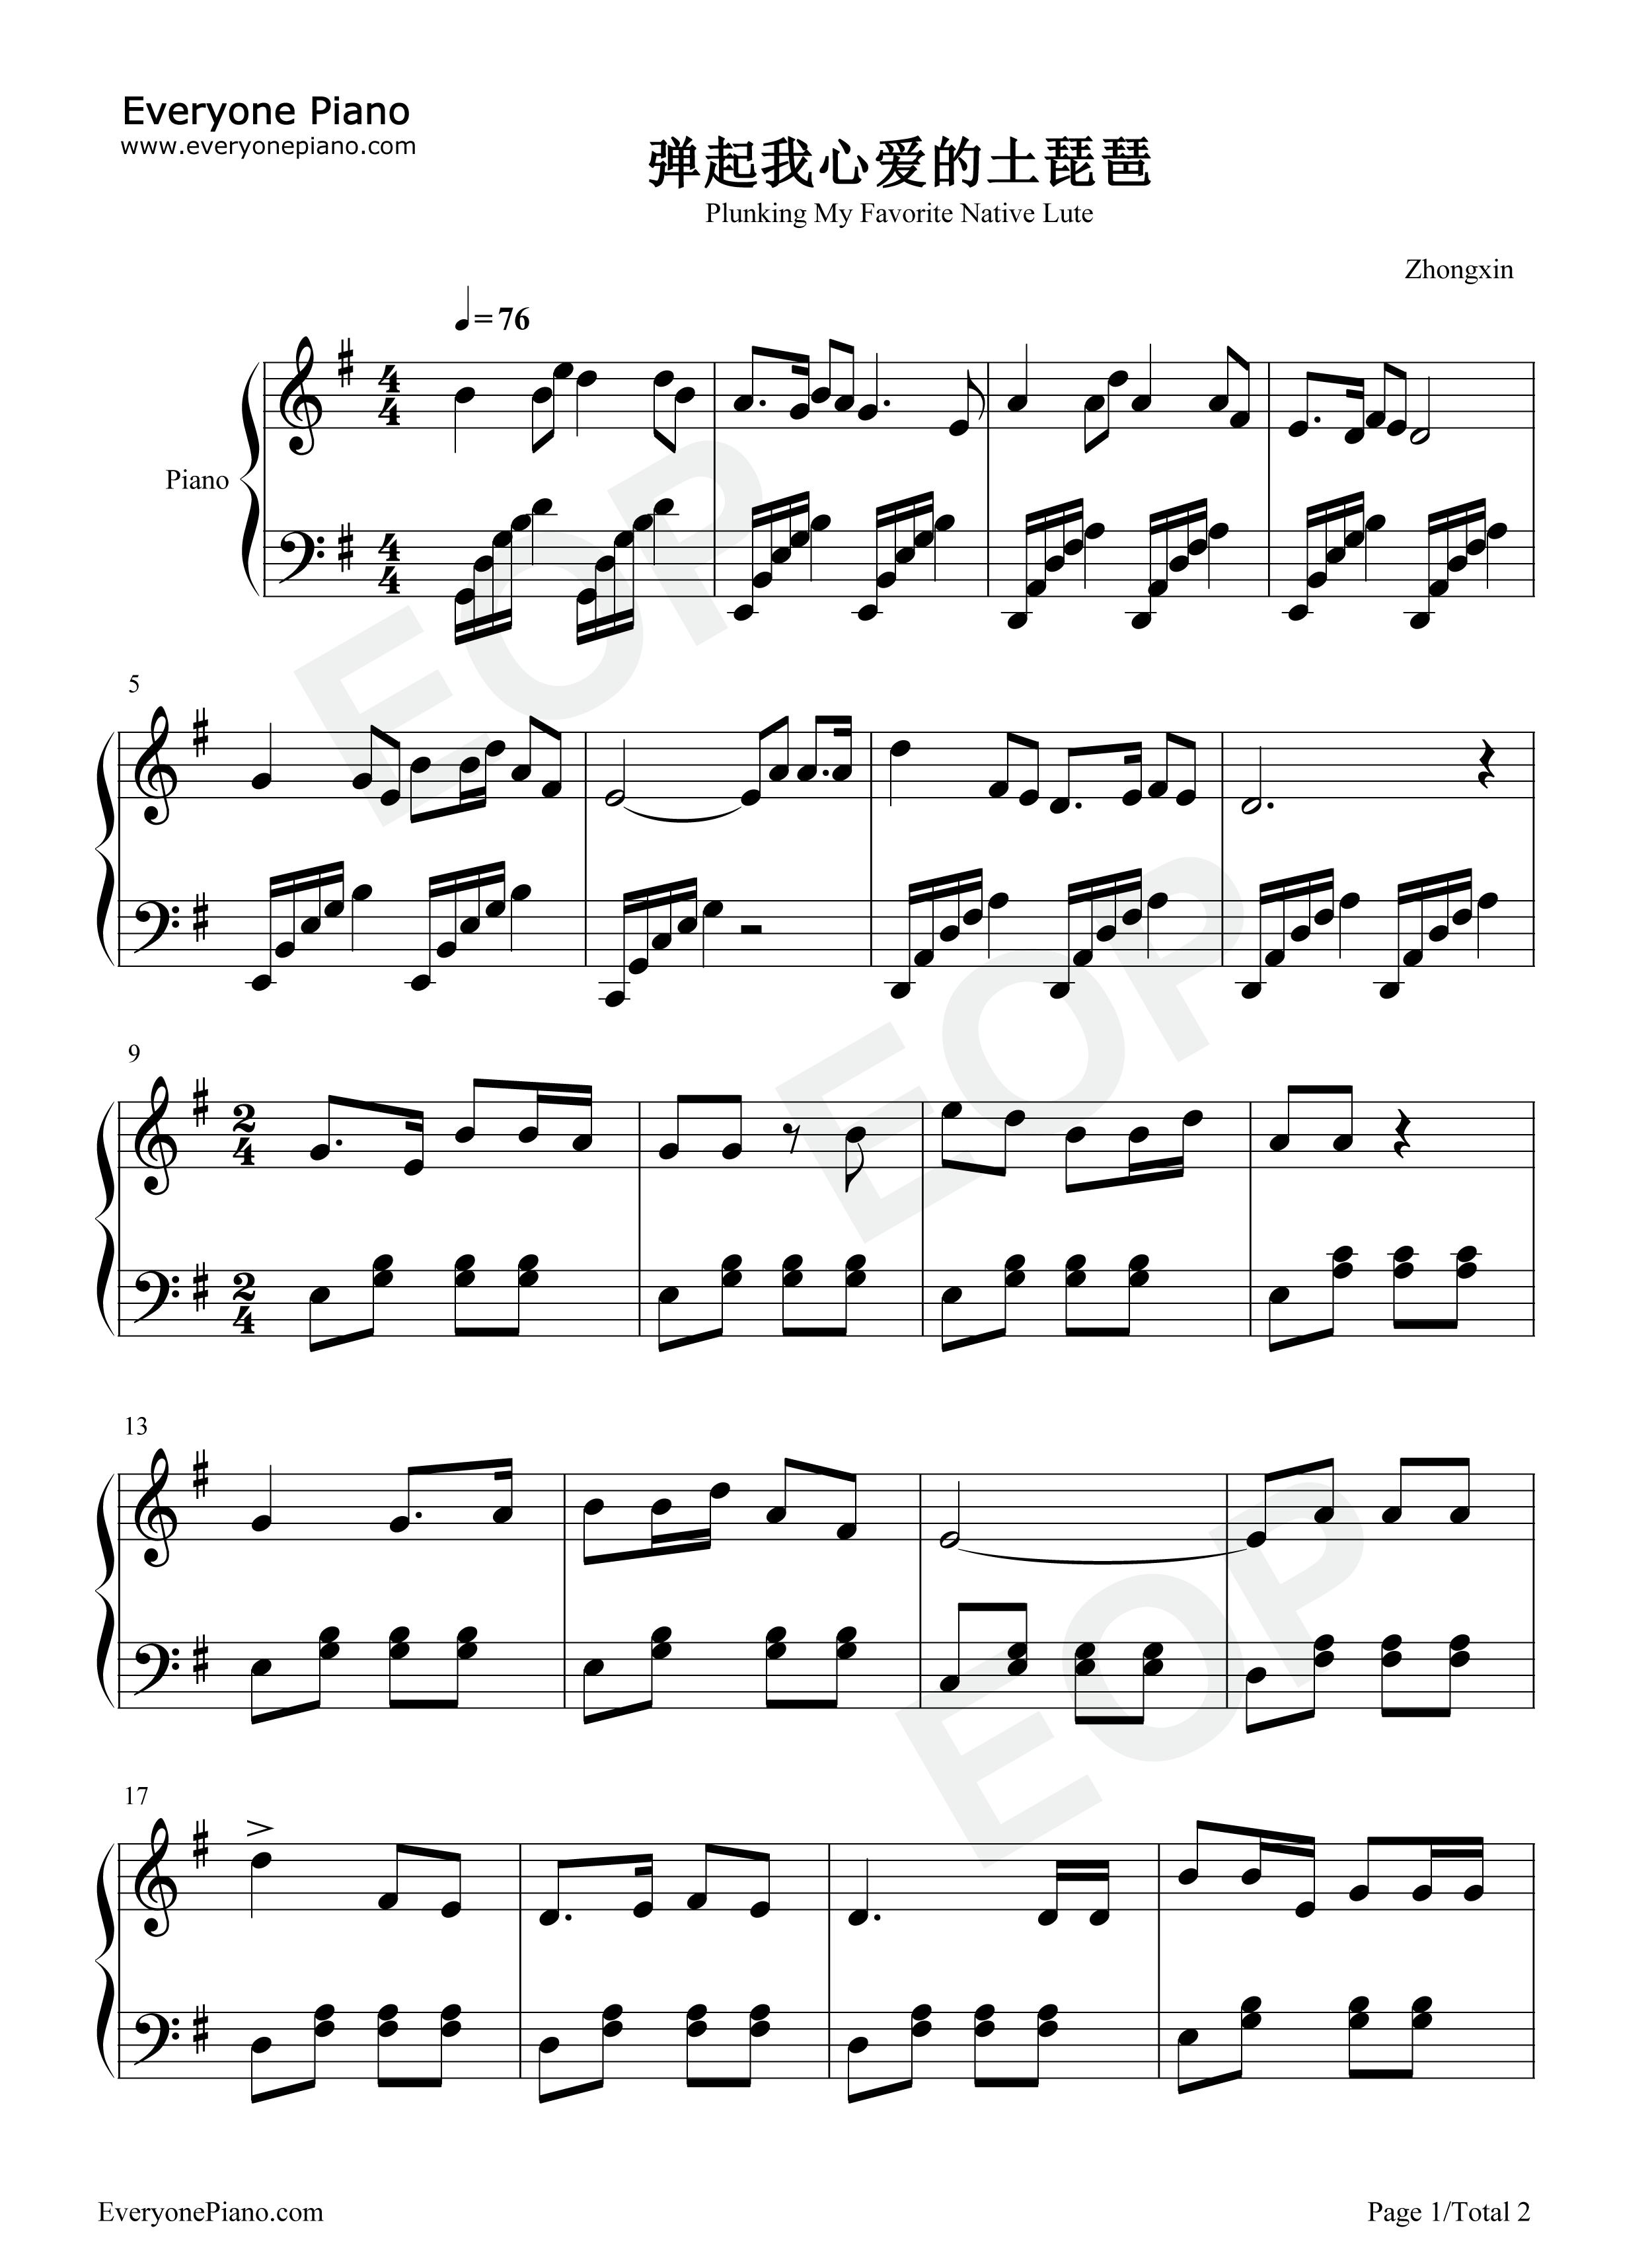 弹起我心爱的土琵琶-铁道游击队插曲五线谱预览1